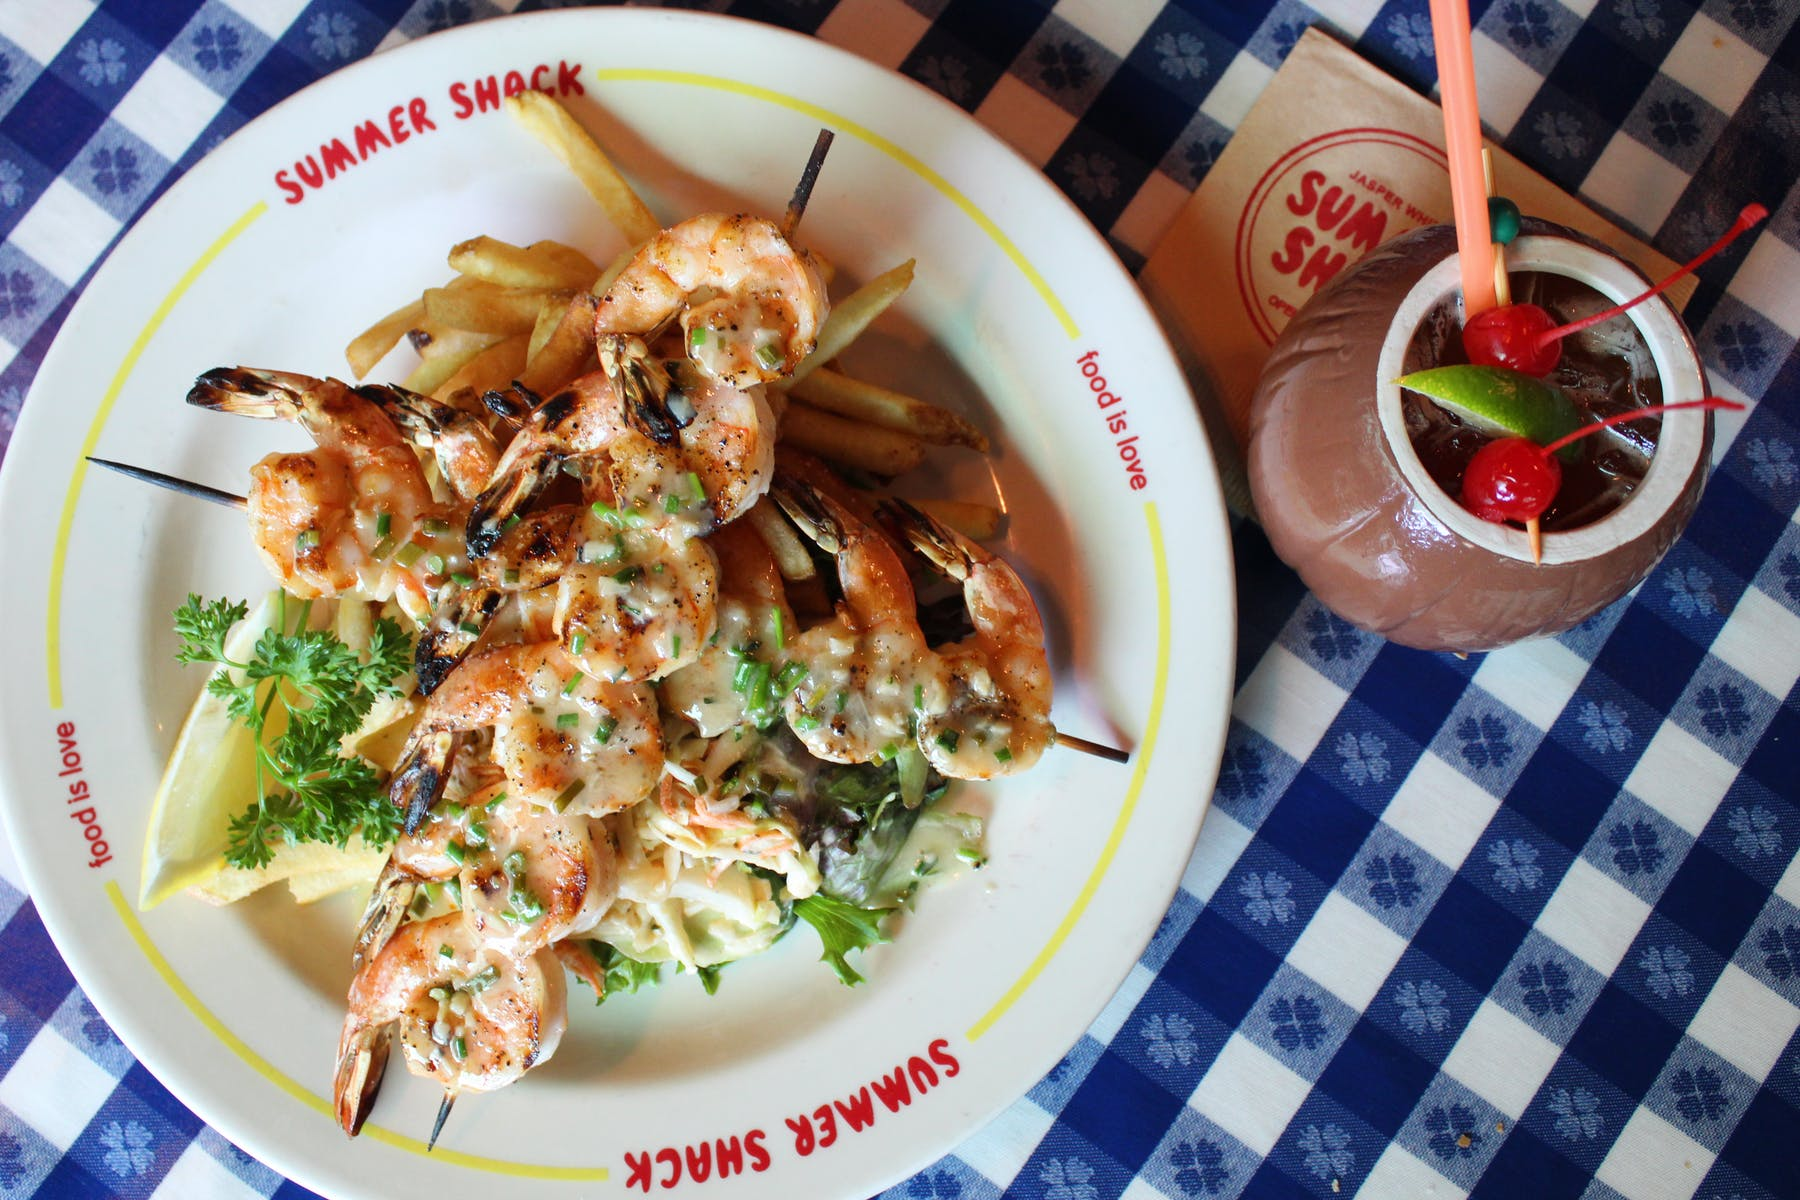 a seafood plate